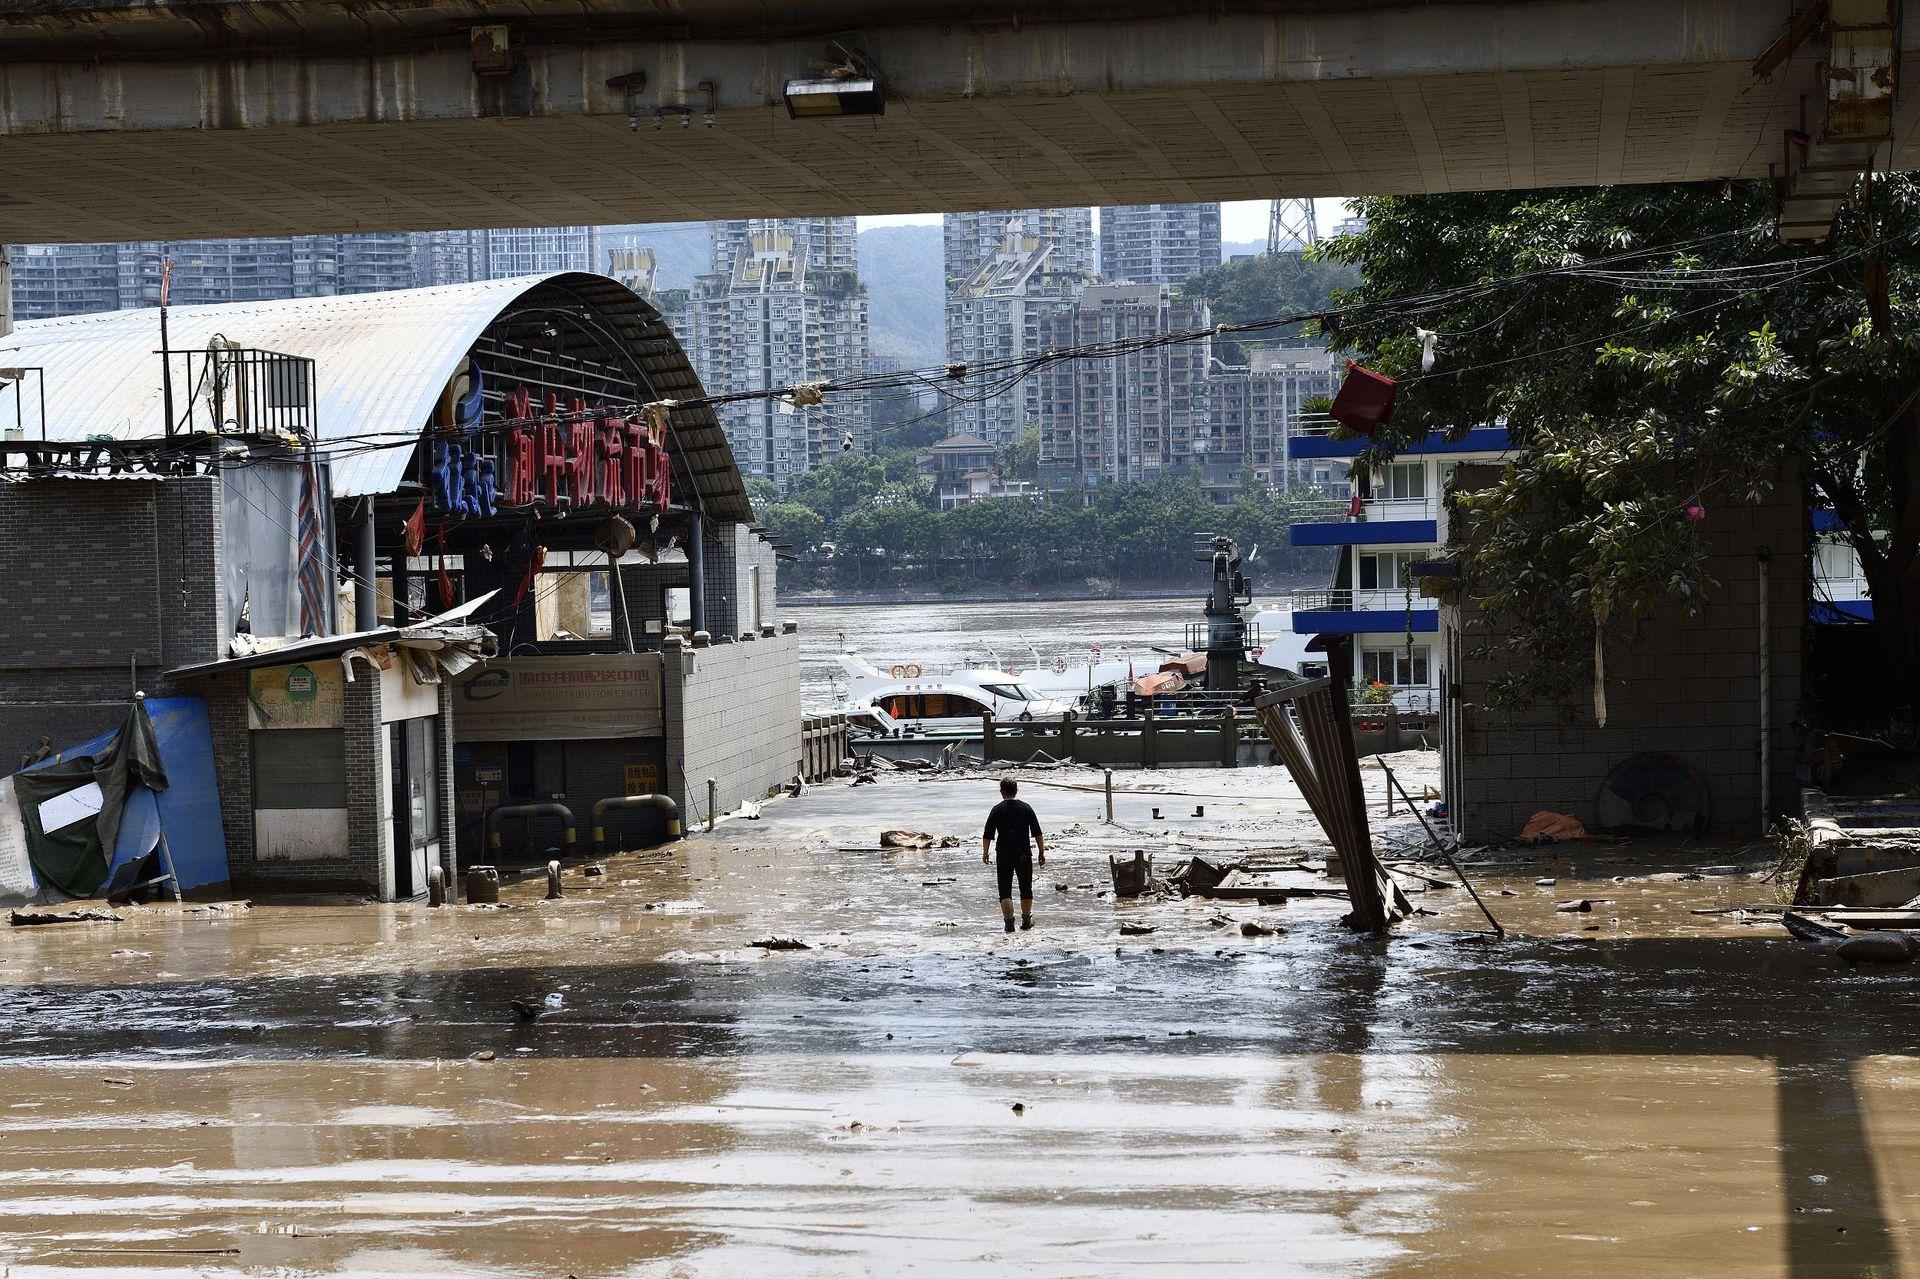 截至8月22日,重庆城区两岸不少区域的清淤工作已经展开,帮助这座城市尽快恢复正常生活秩序。重庆渝中区长江滨江路上,一位正在清淤的环卫工。